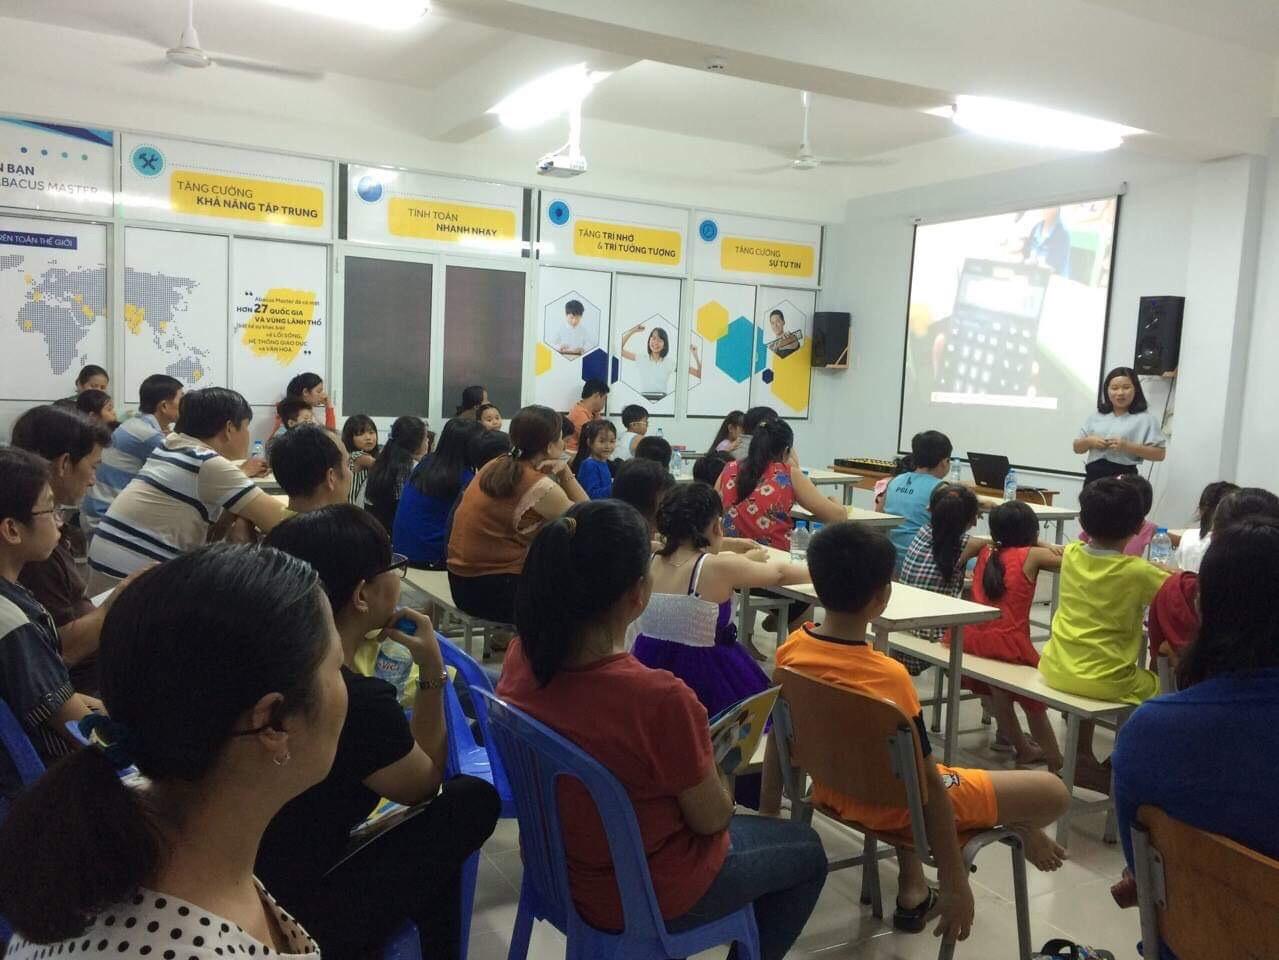 Hình ảnh phụ huynh tham gia lớp học trải nghiệm miễn phí